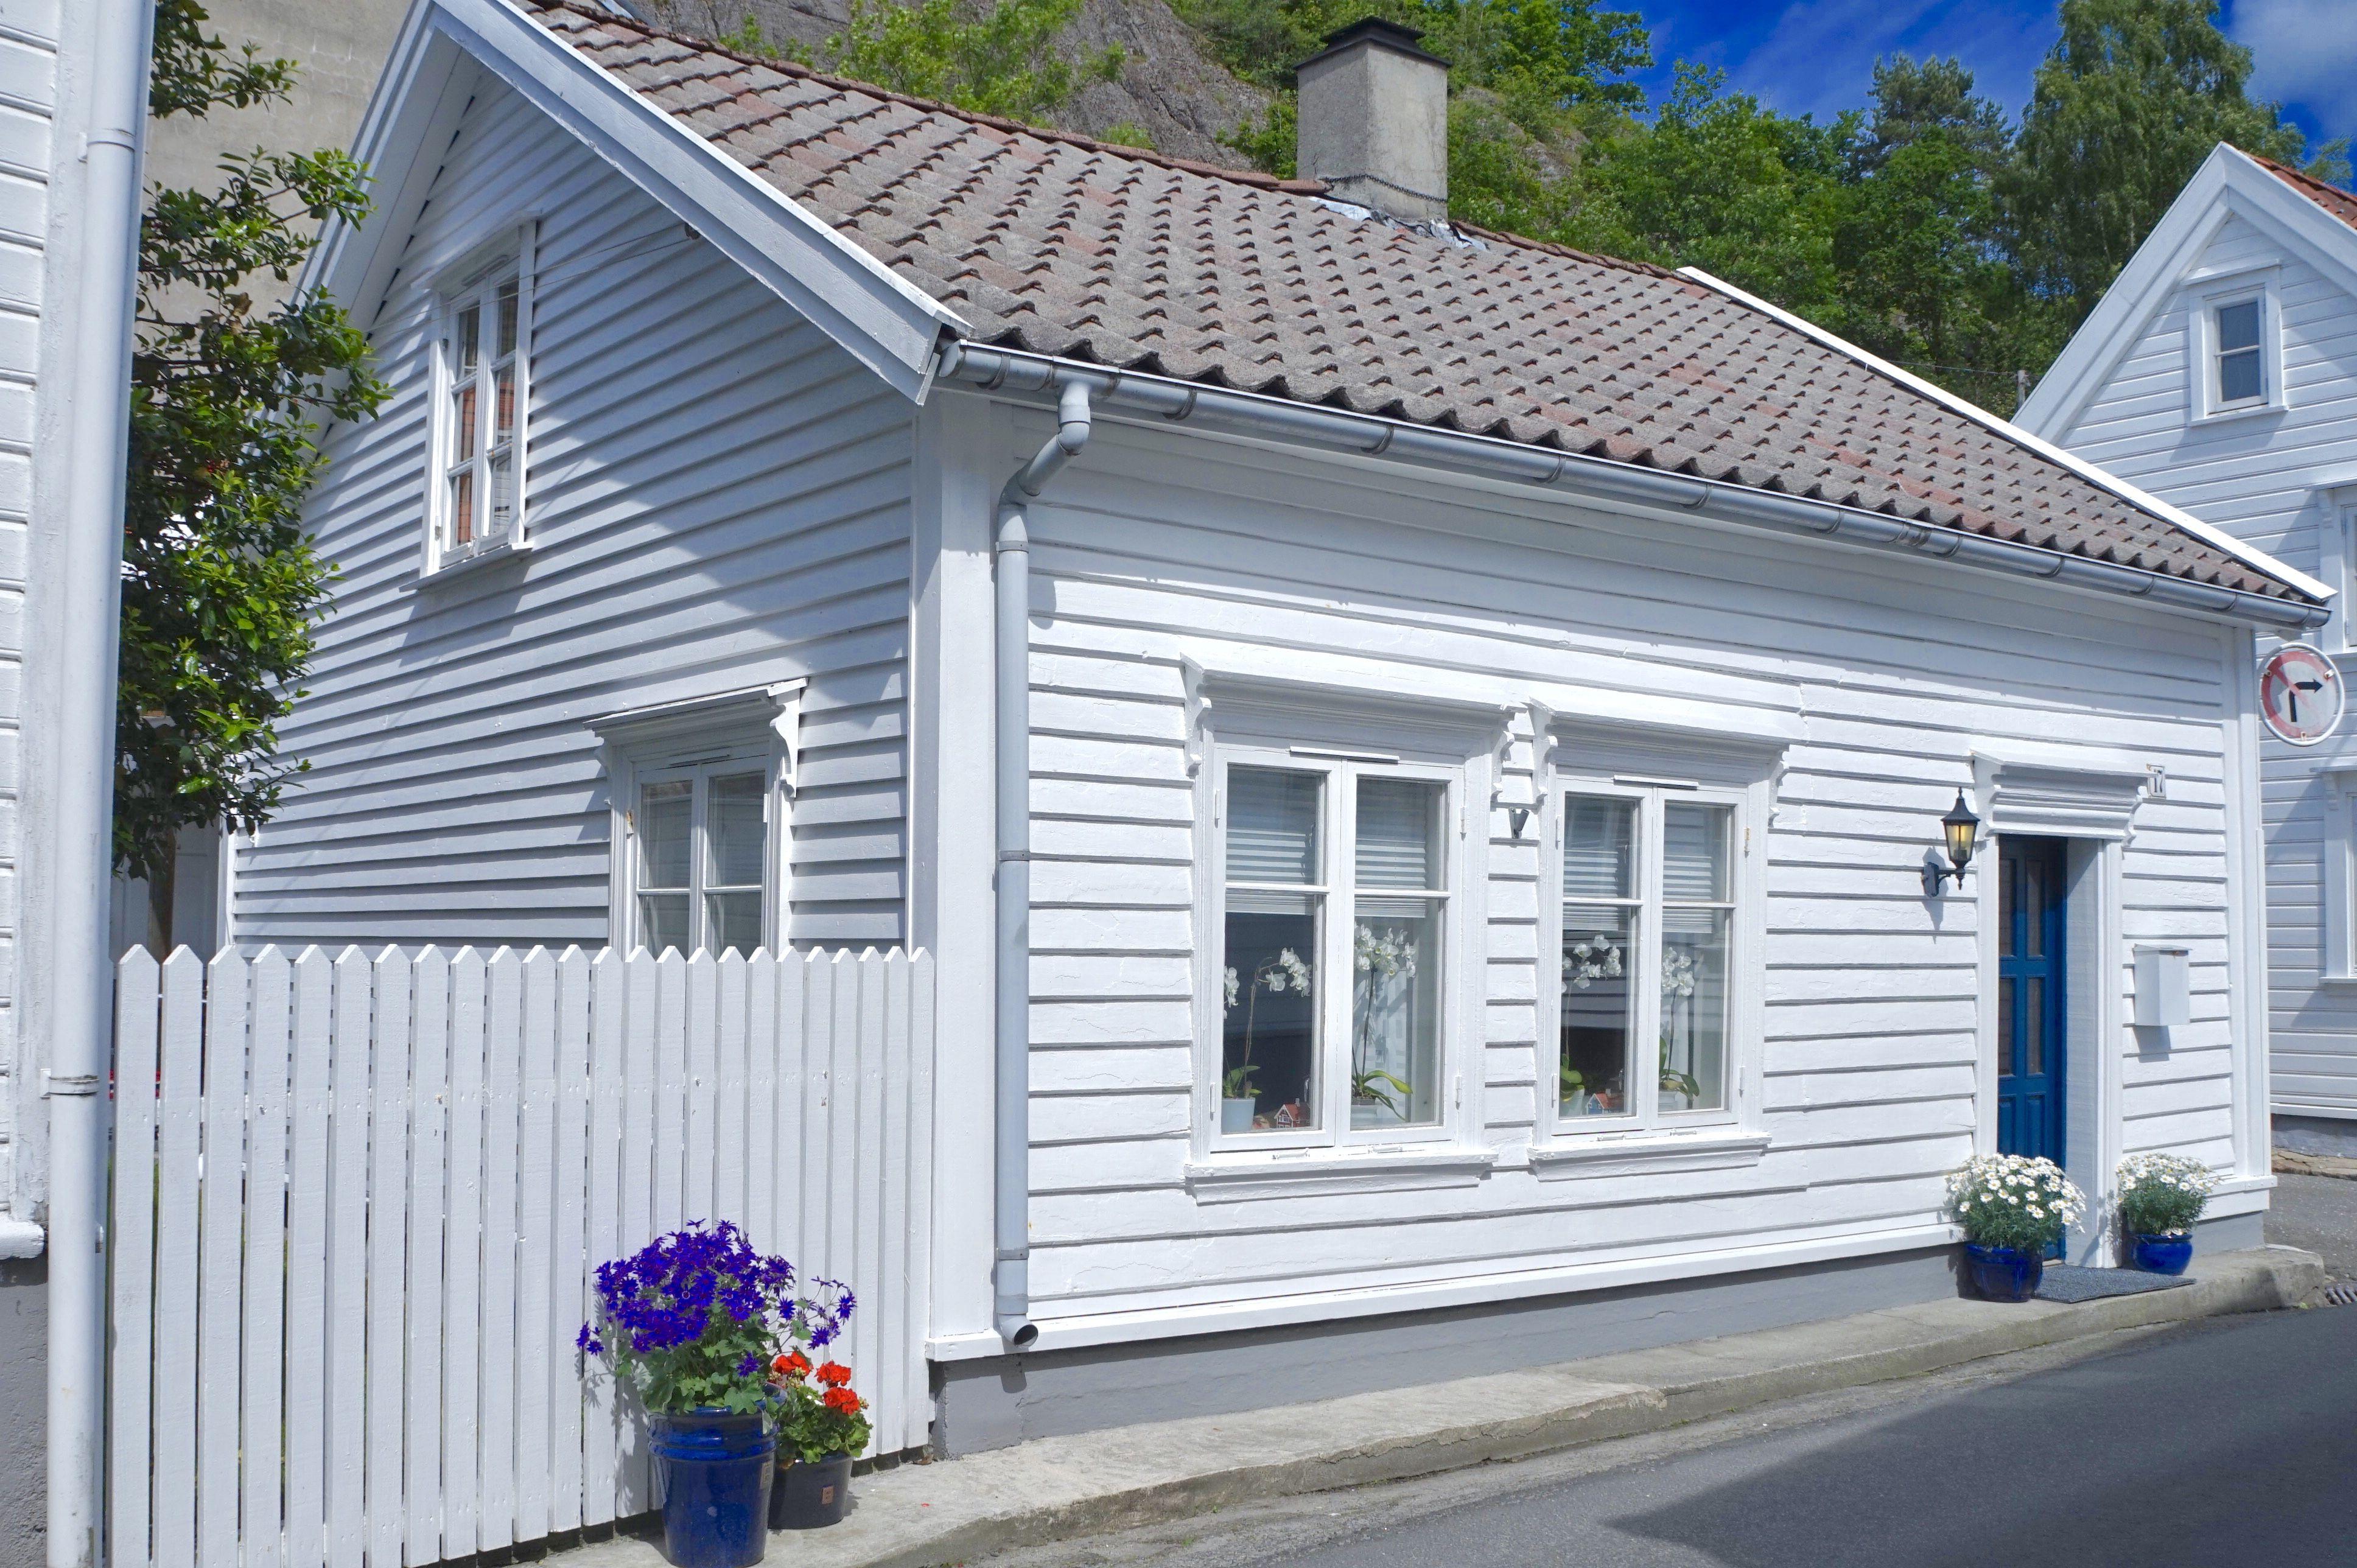 Streets of Flekkefjord by @behindabluedoor #flekkefjord